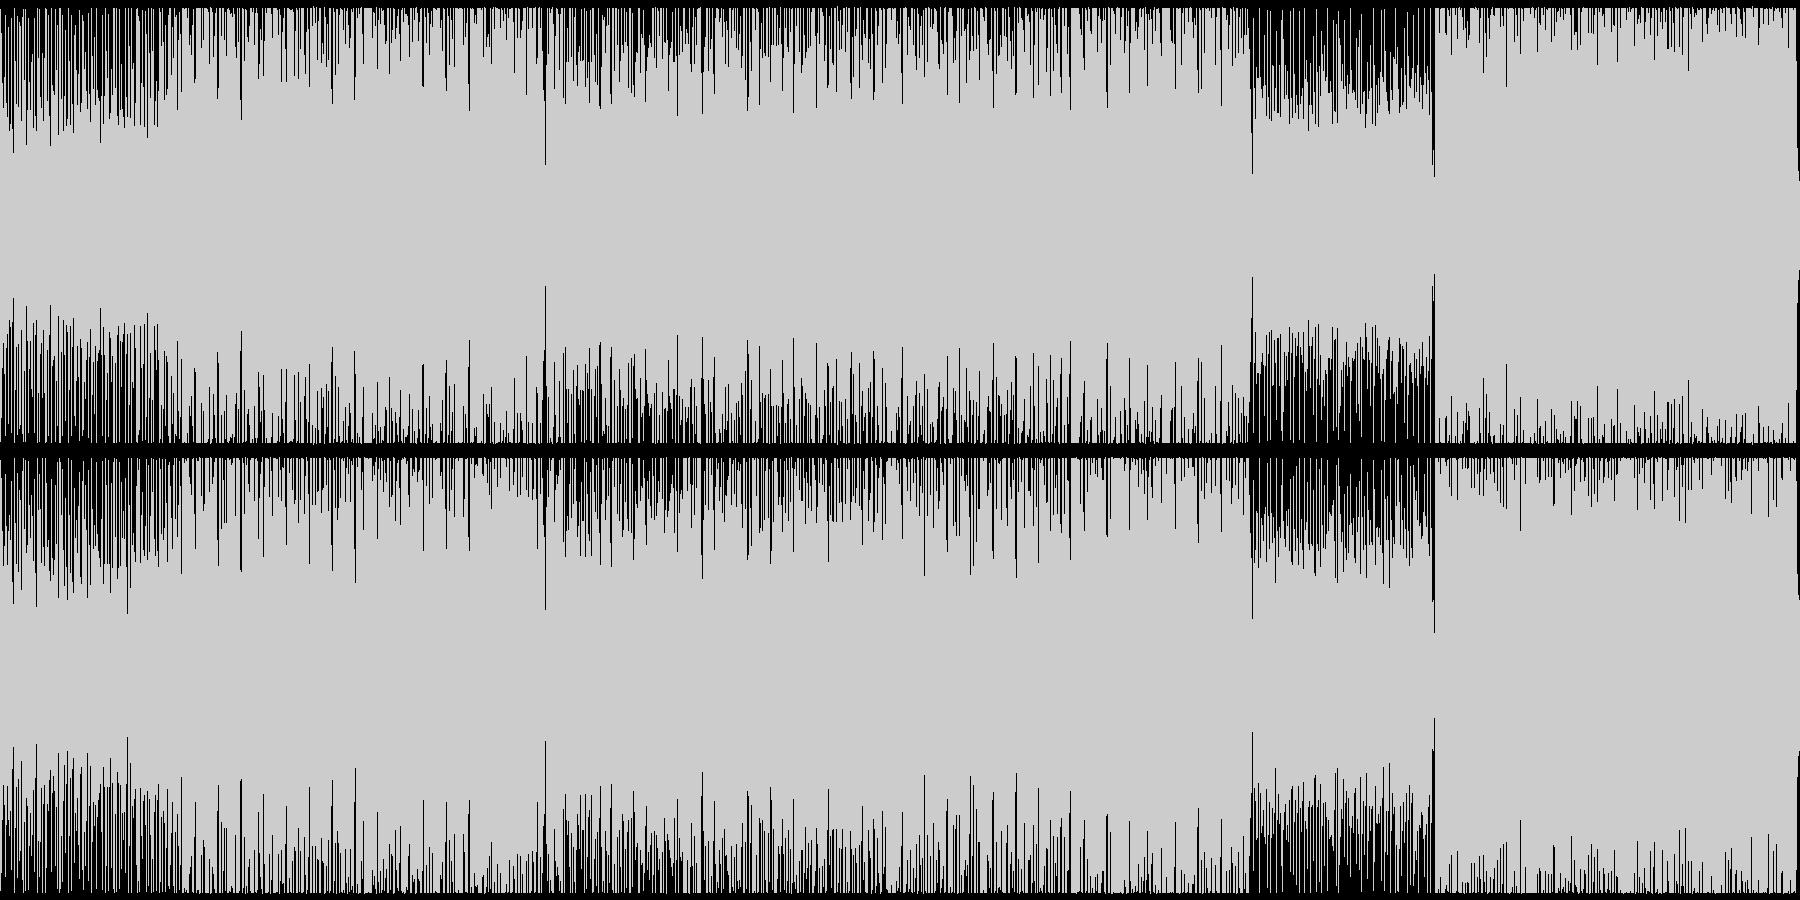 ダークな雰囲気のハイテンポな戦闘曲ループの未再生の波形